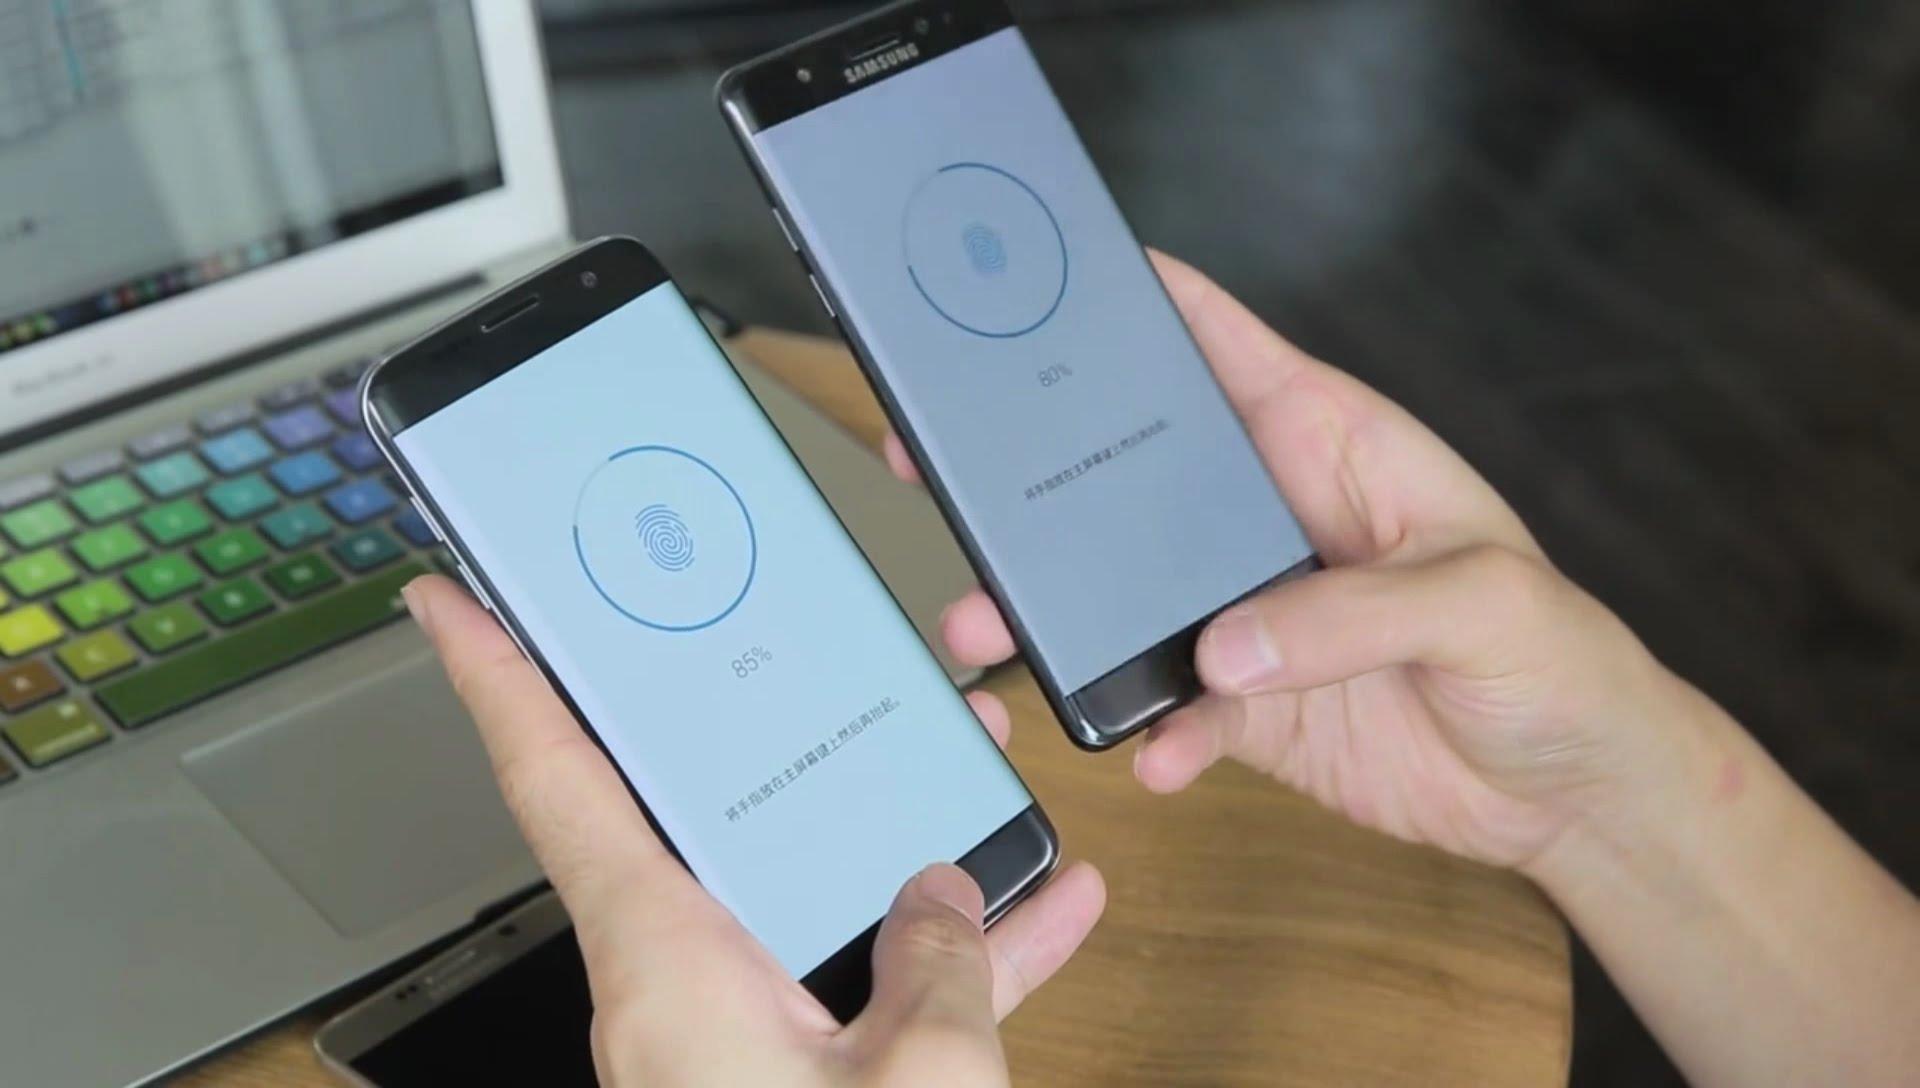 گلکسی اس ۸ اولین موبایل با حسگر اثرانگشت اپتیکال خواهد بود